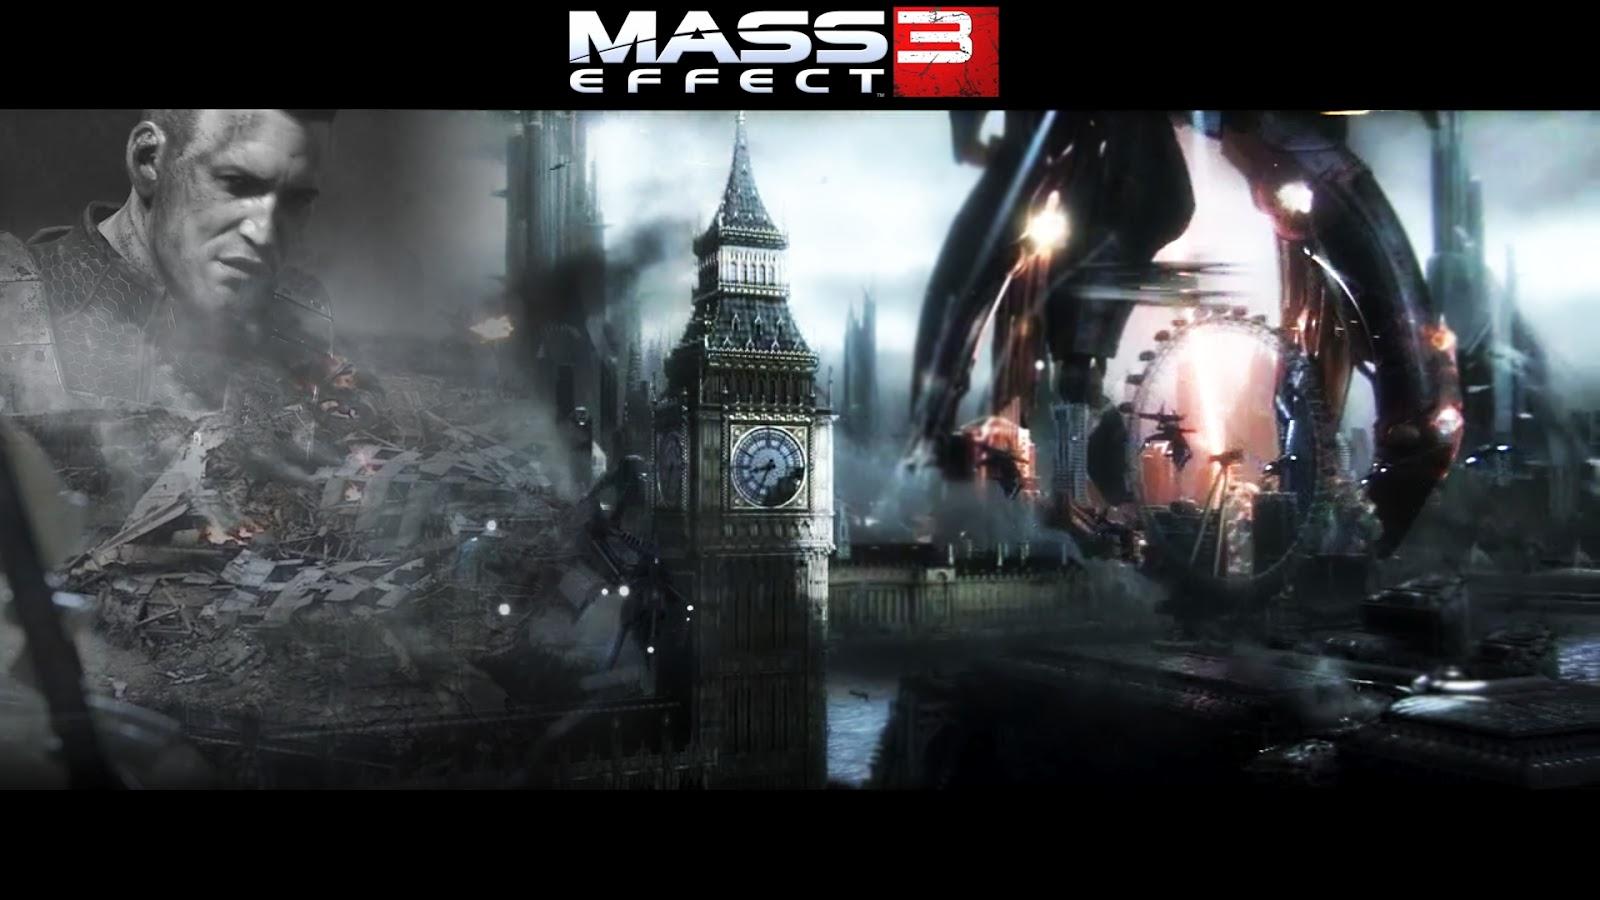 mass effect 3 video - photo #27